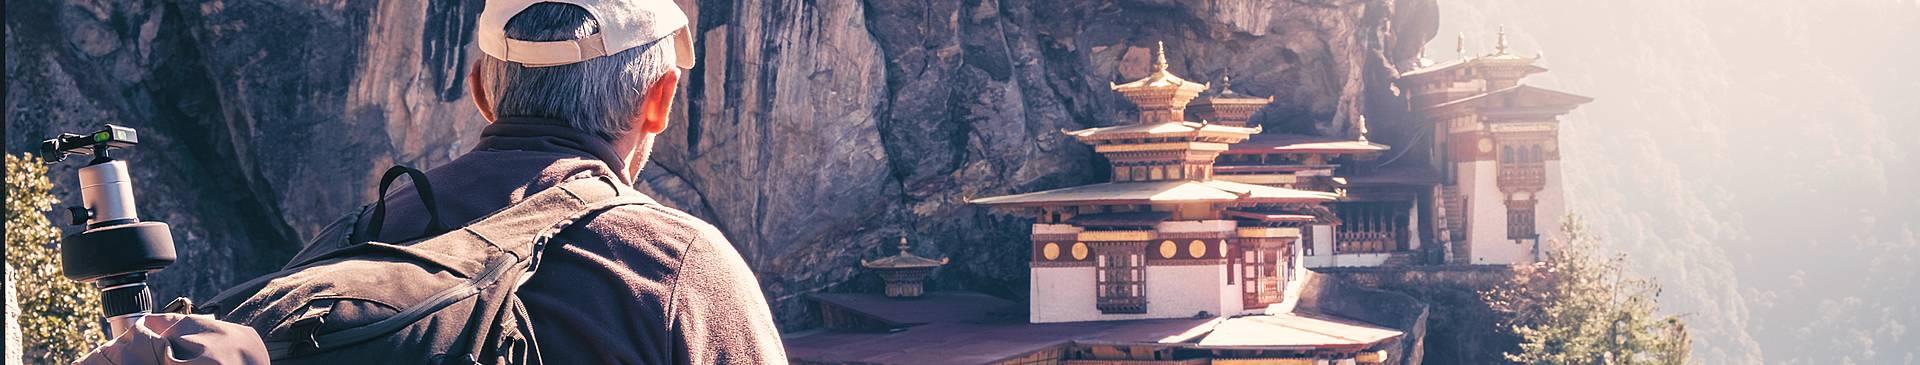 Solo travel in Bhutan